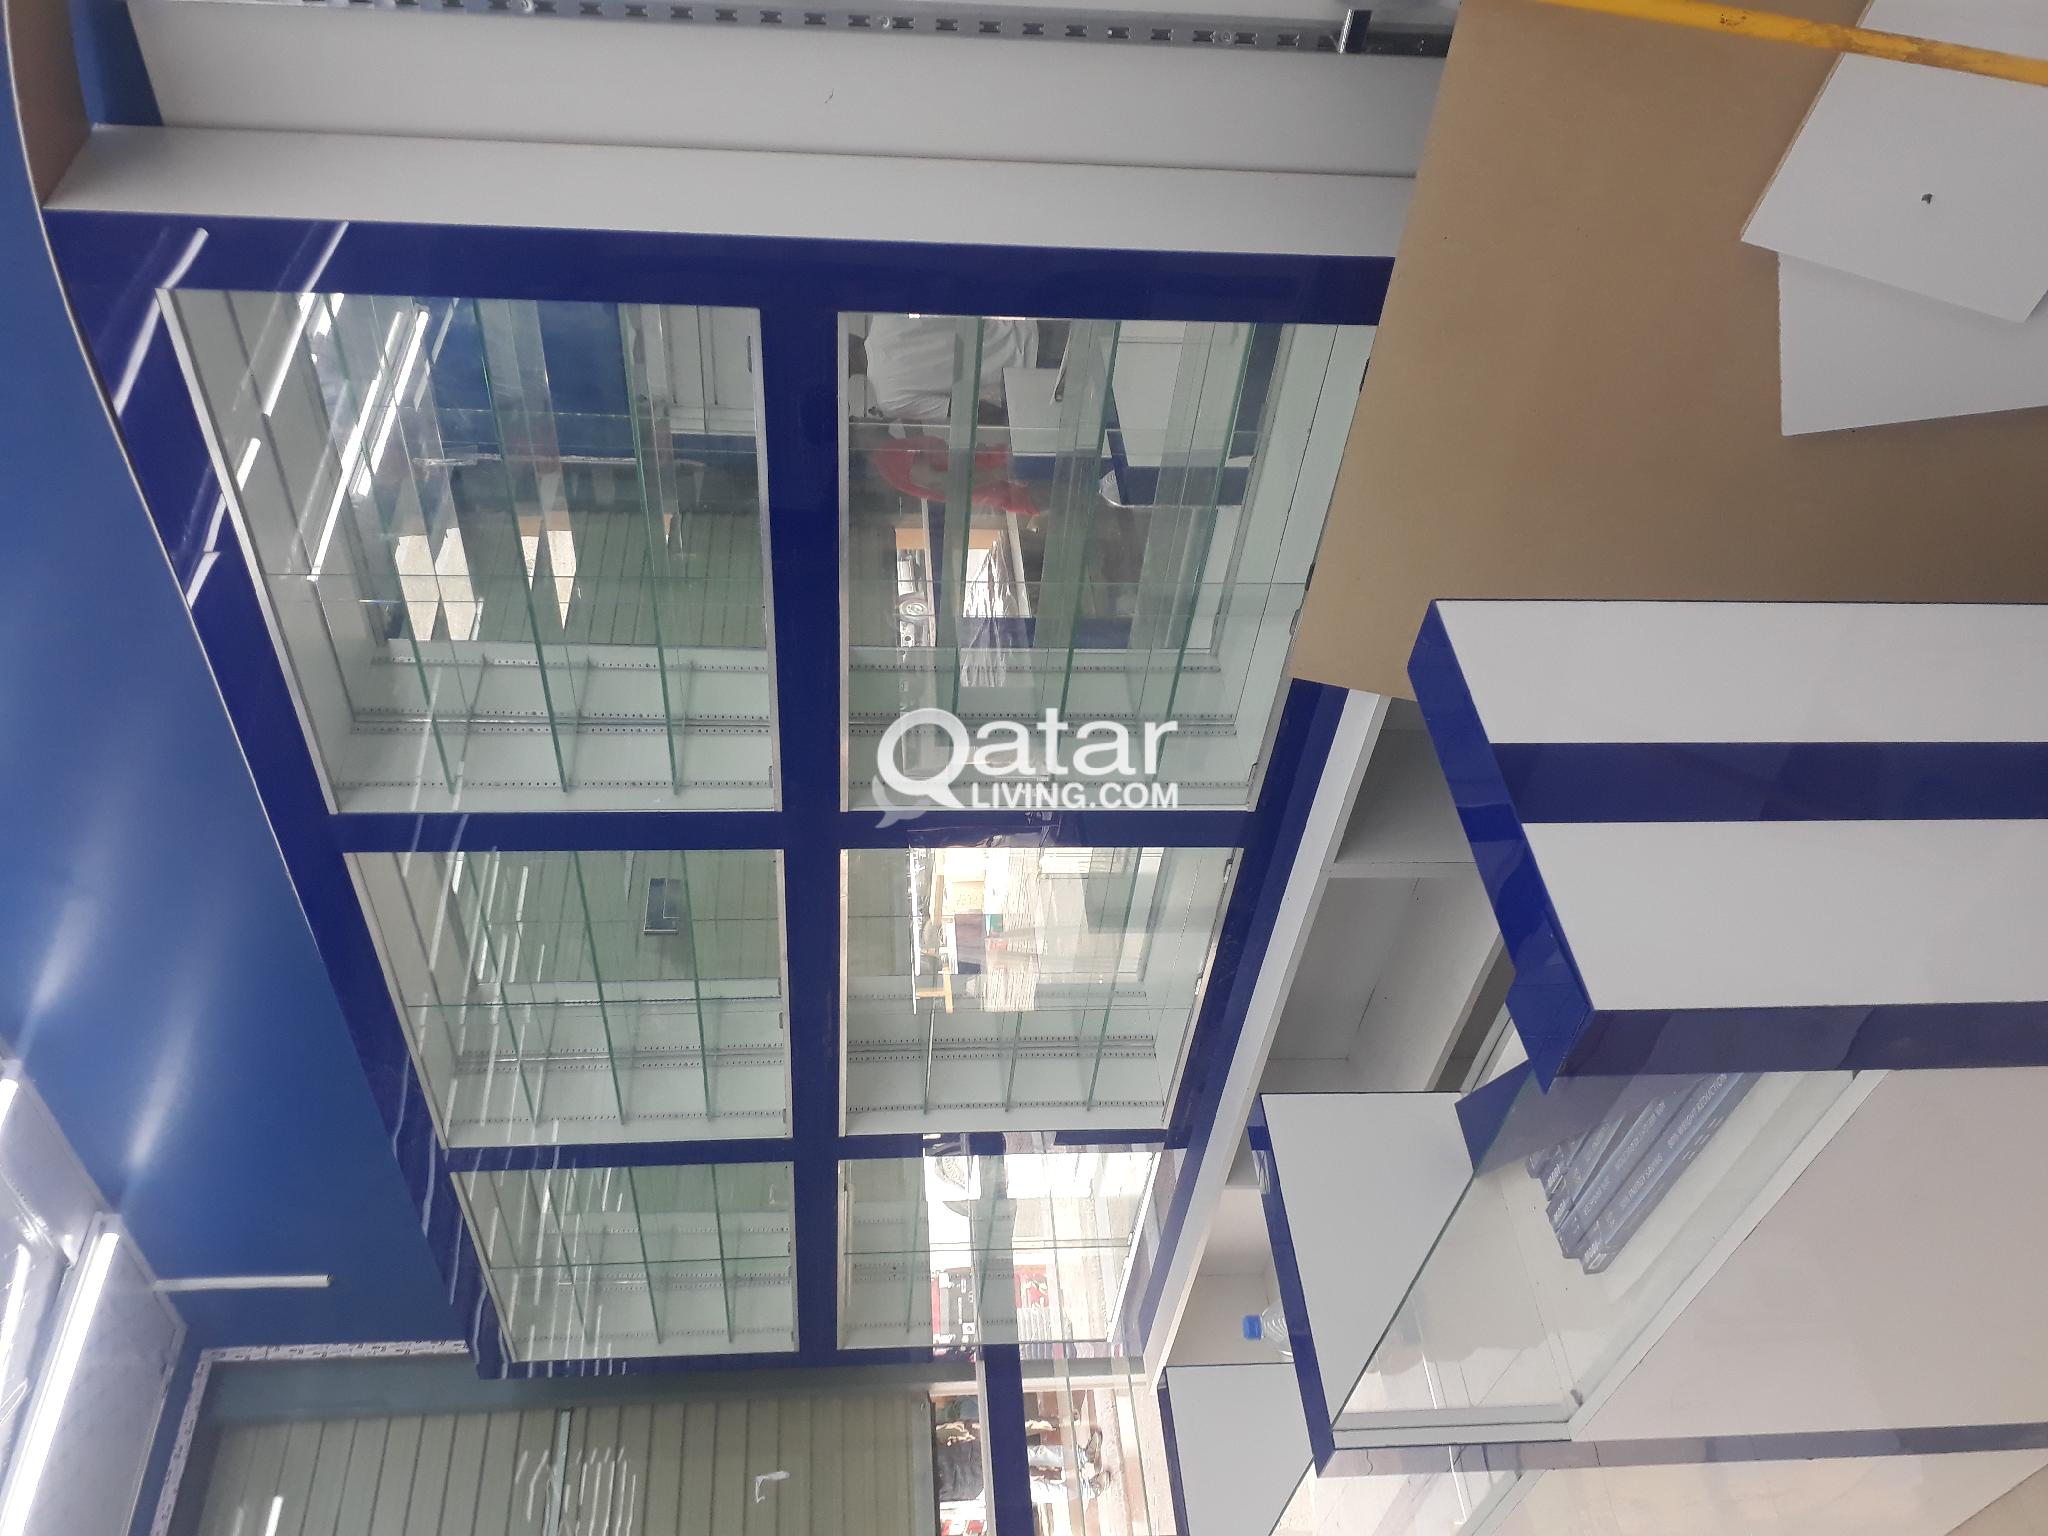 66191107 | Qatar Living